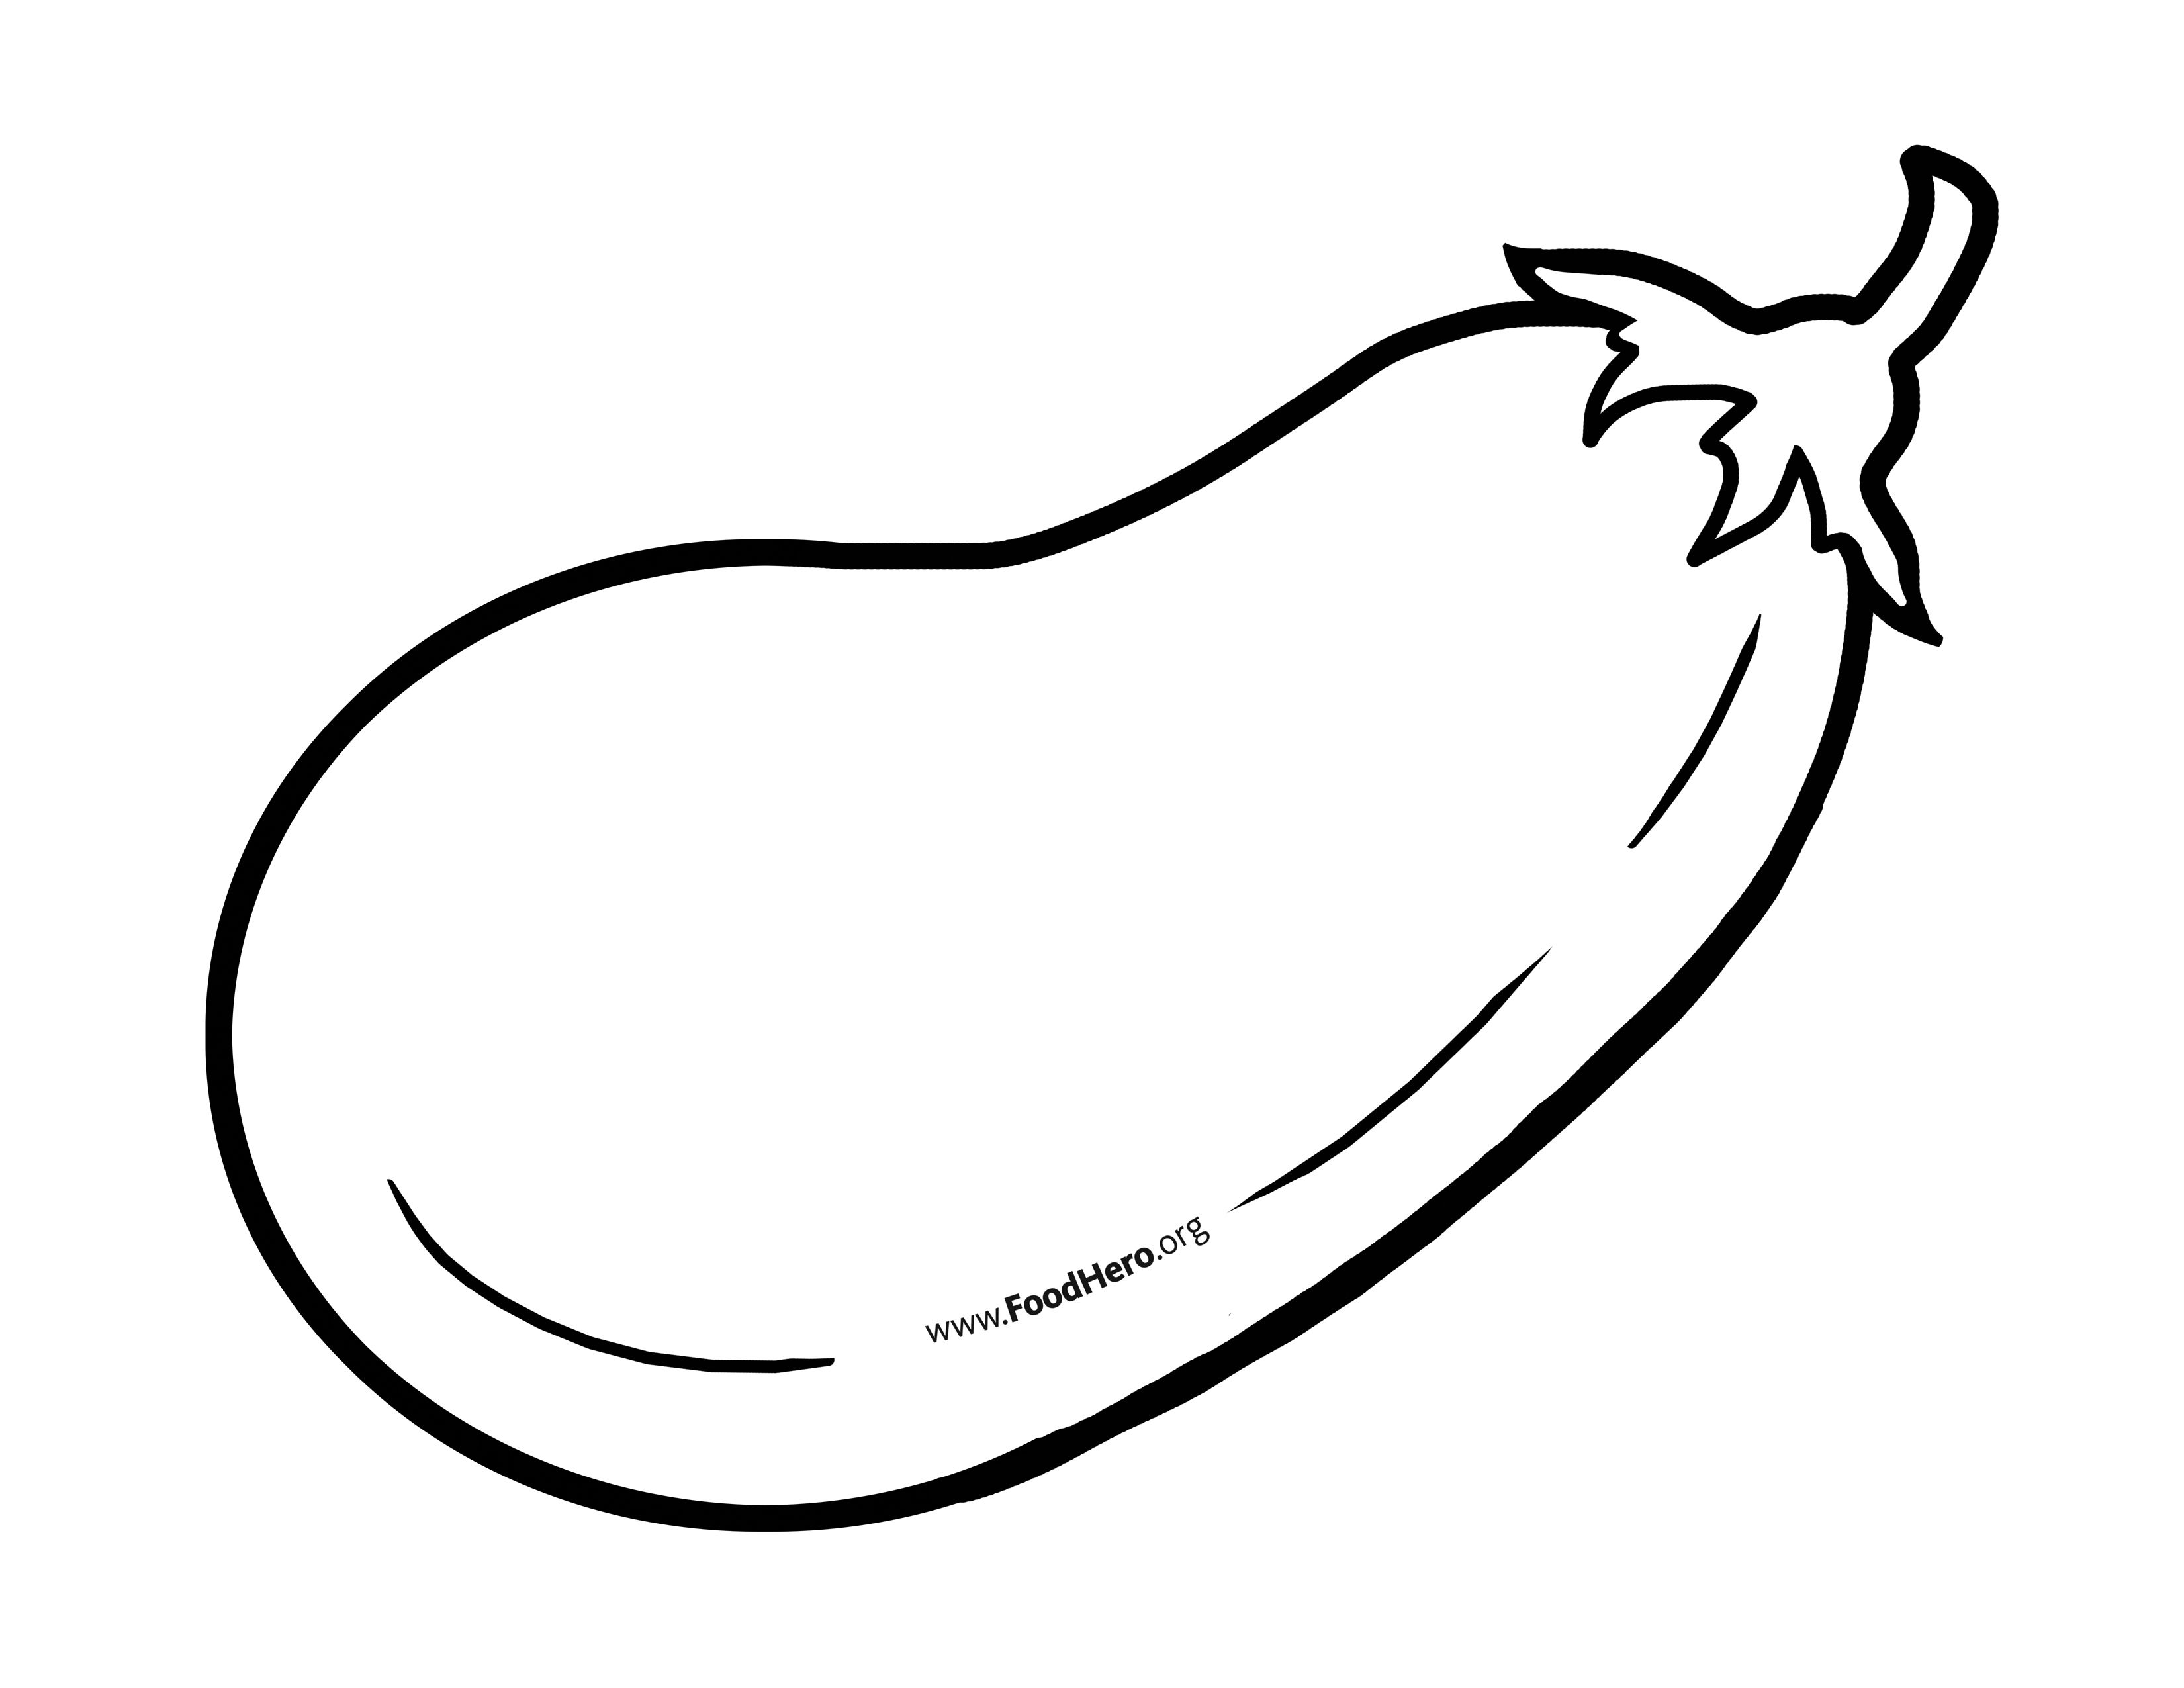 Eggplant Outline Food Hero Blackline Illustration Eggplant Bulletinboardideas Foodhero Fruit Coloring Pages Coloring Pages For Kids Coloring Pages